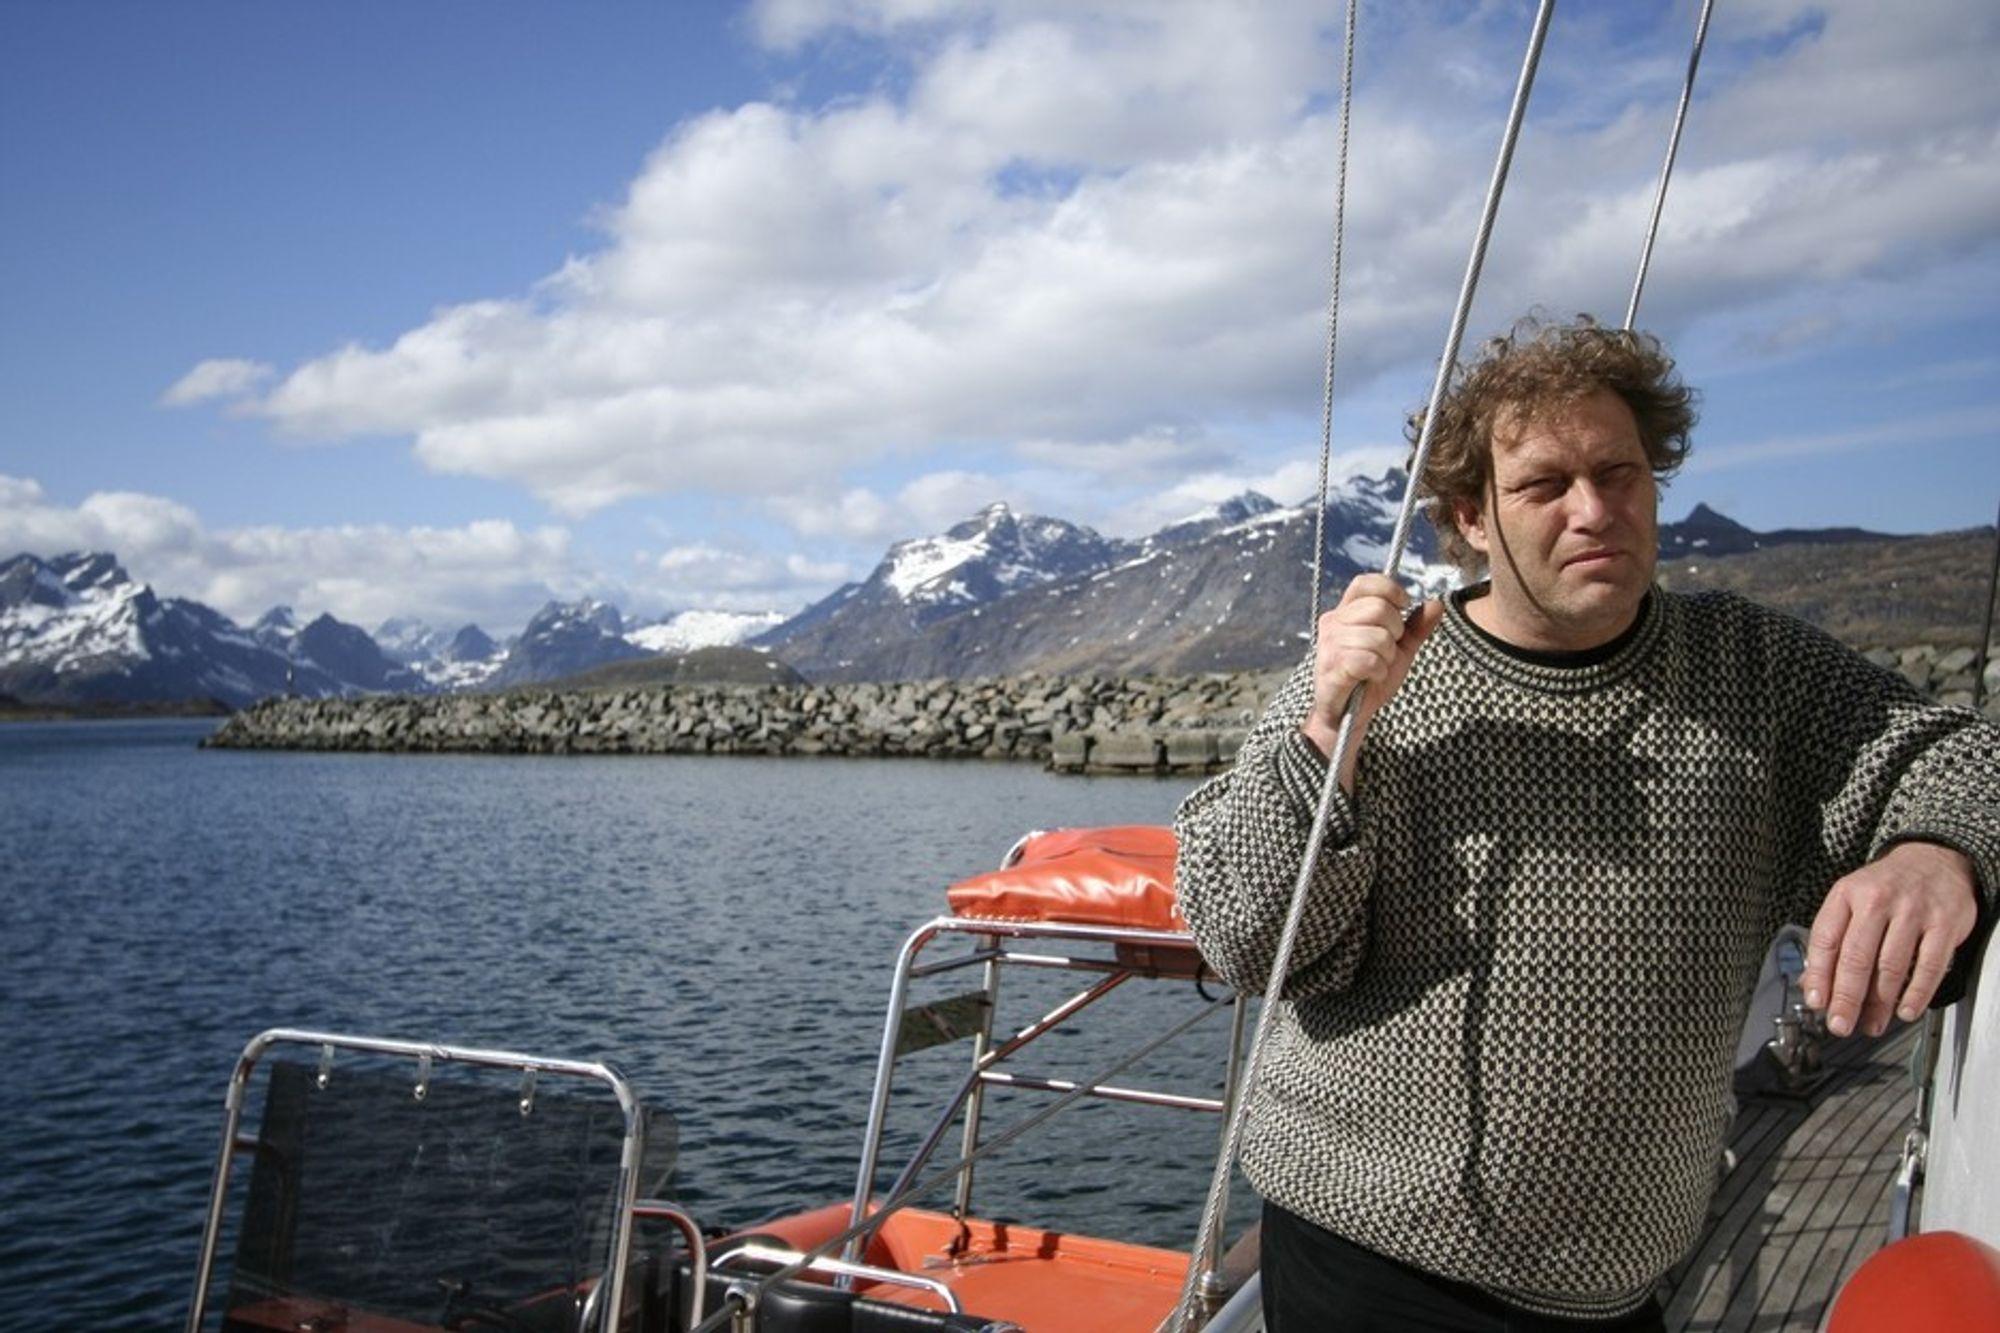 Bellona-leder Frederic Hauge var en av dem som kjempet mot seismikkskytingen utenfor Lofoten. Nå krever fiskerne kompensasjon.